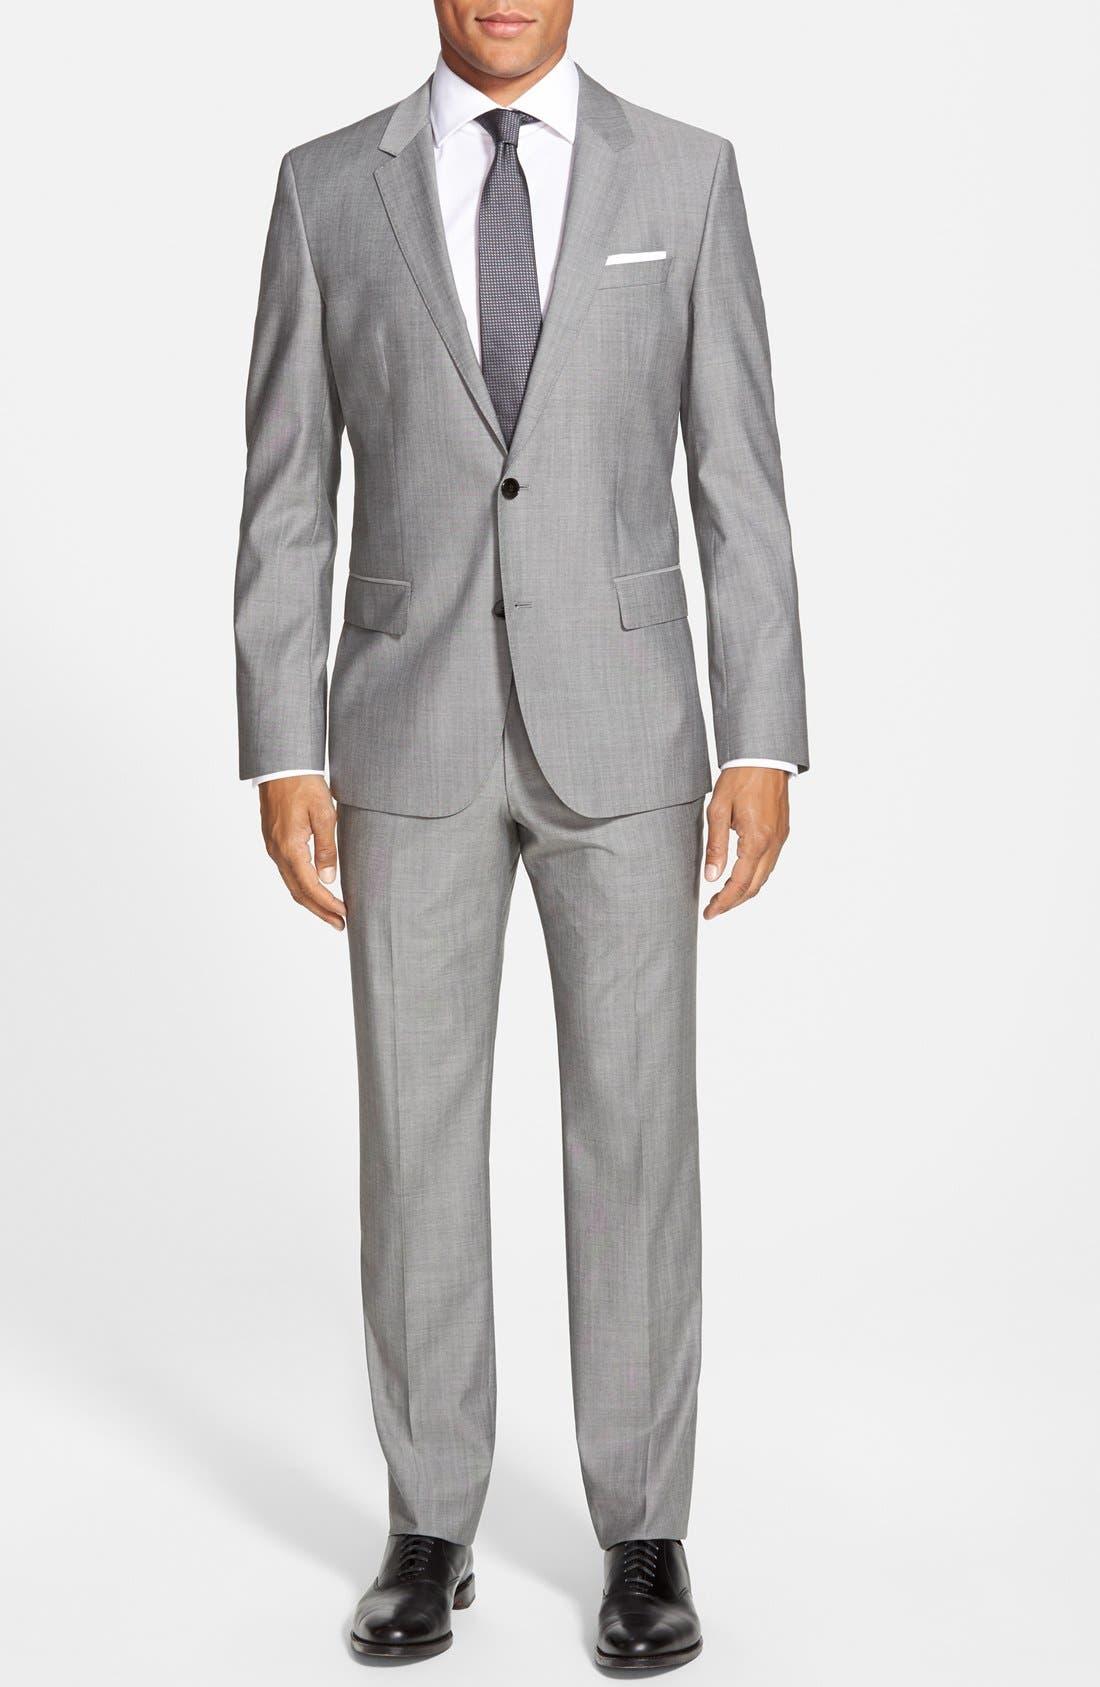 Alternate Image 1 Selected - BOSS 'Huge/Genius' Trim Fit Solid Wool Suit